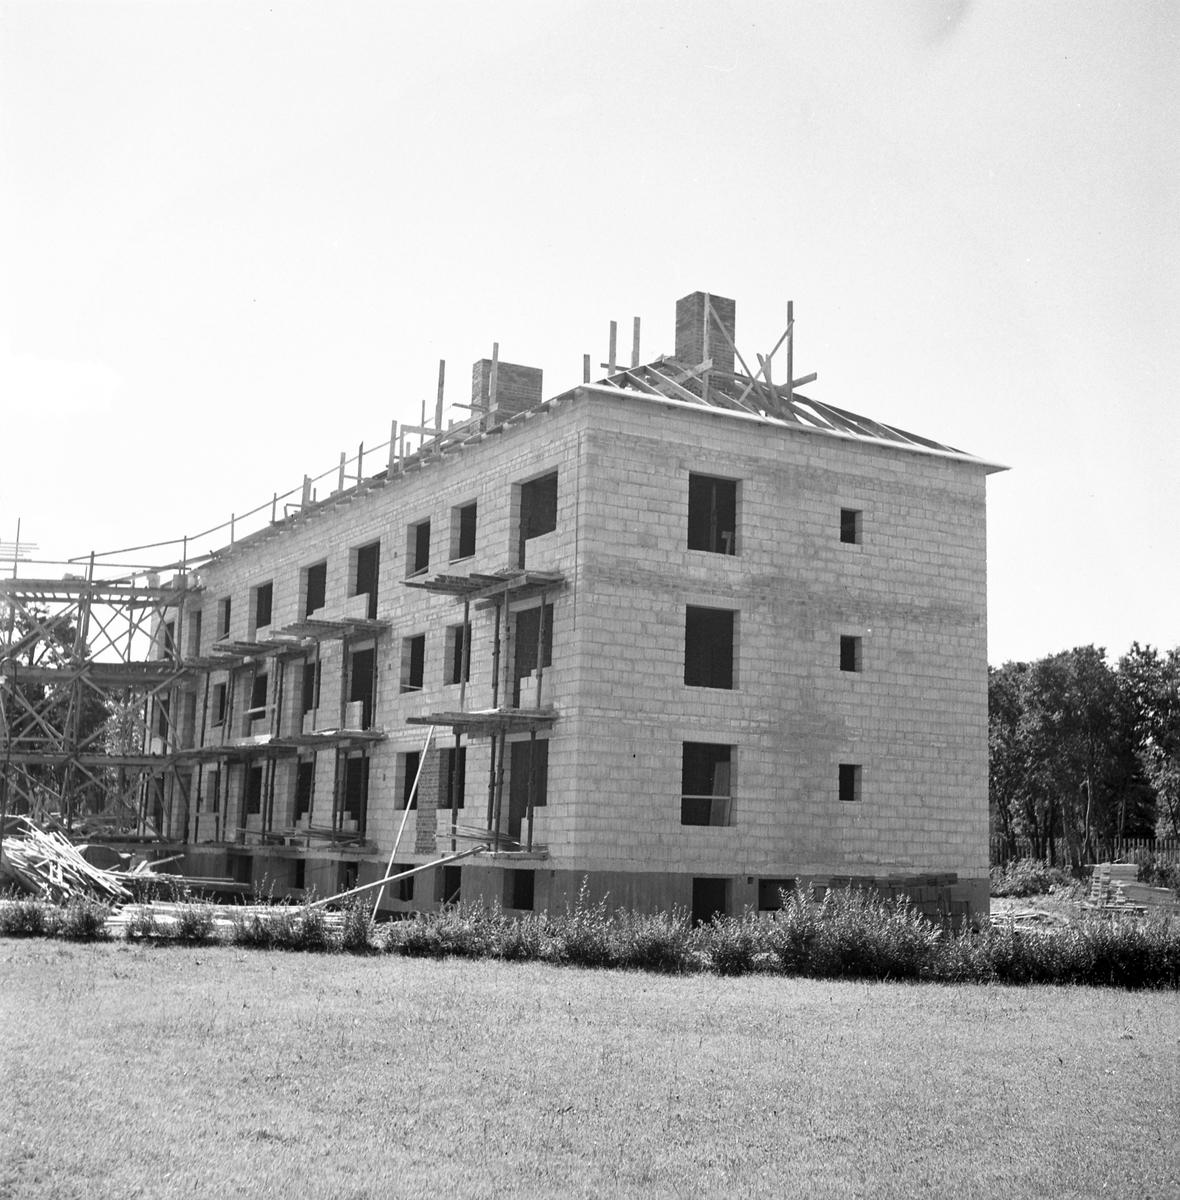 HSB-nybygge på Fredrikdalsvägen. Den 10 augusti 1949